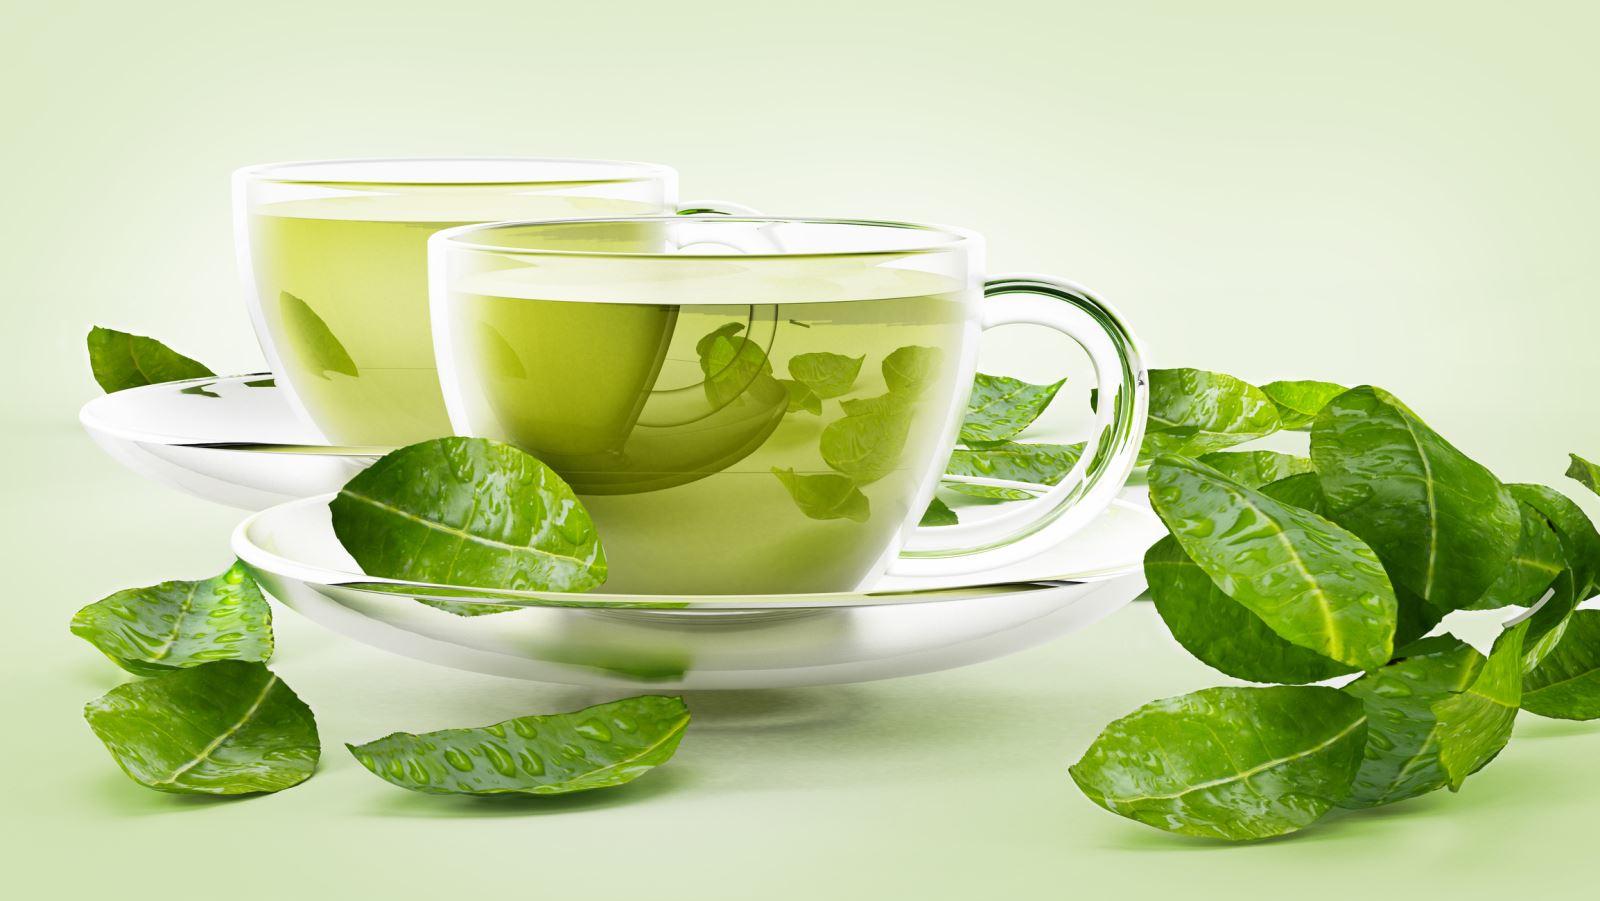 Nếu muốn làn da nhận được những điều tuyệt vời này, bạn nên uống nước trà xanh mỗi ngày - Ảnh 3